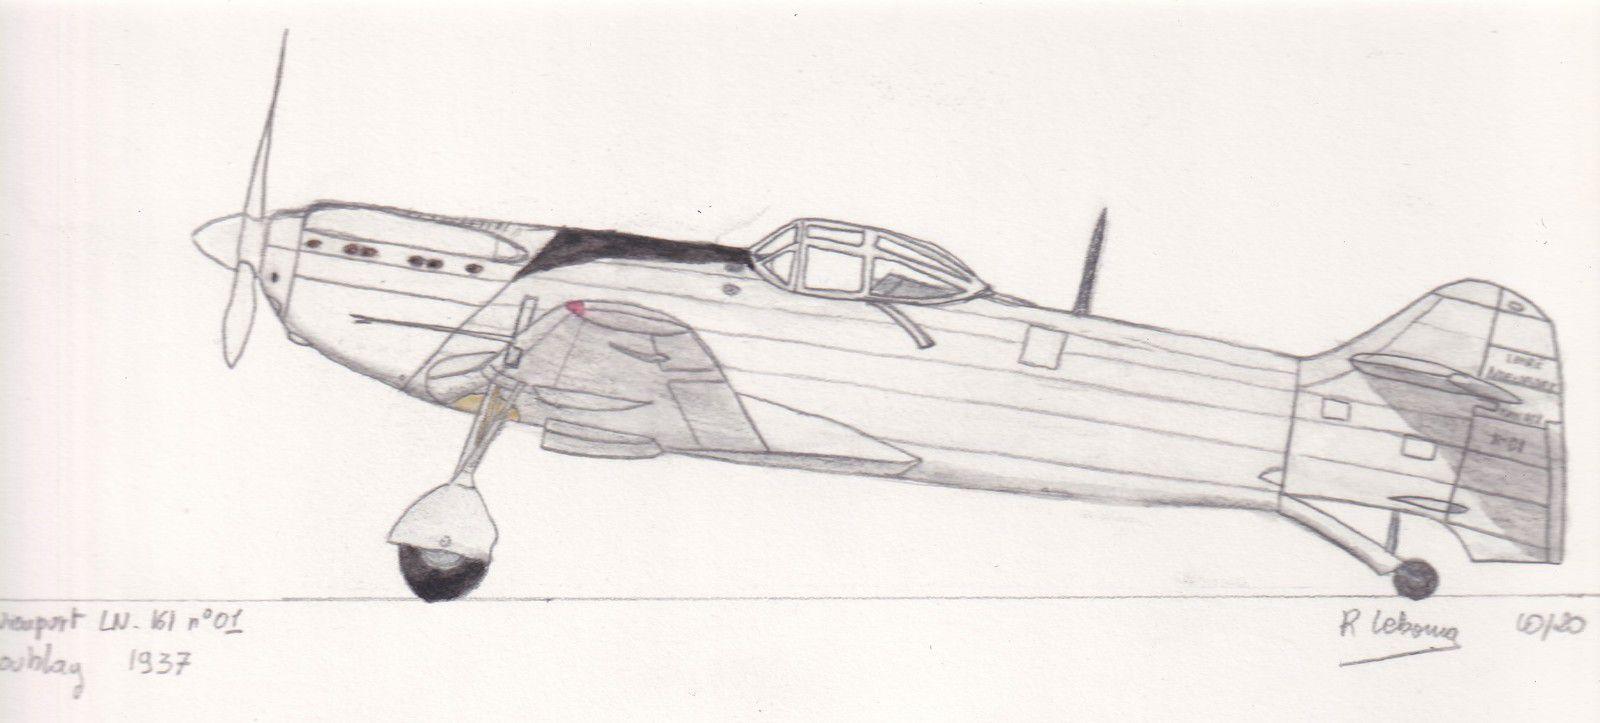 Le programme de 1934 avait également donné naissance au LN-161, de conception plus moderne.